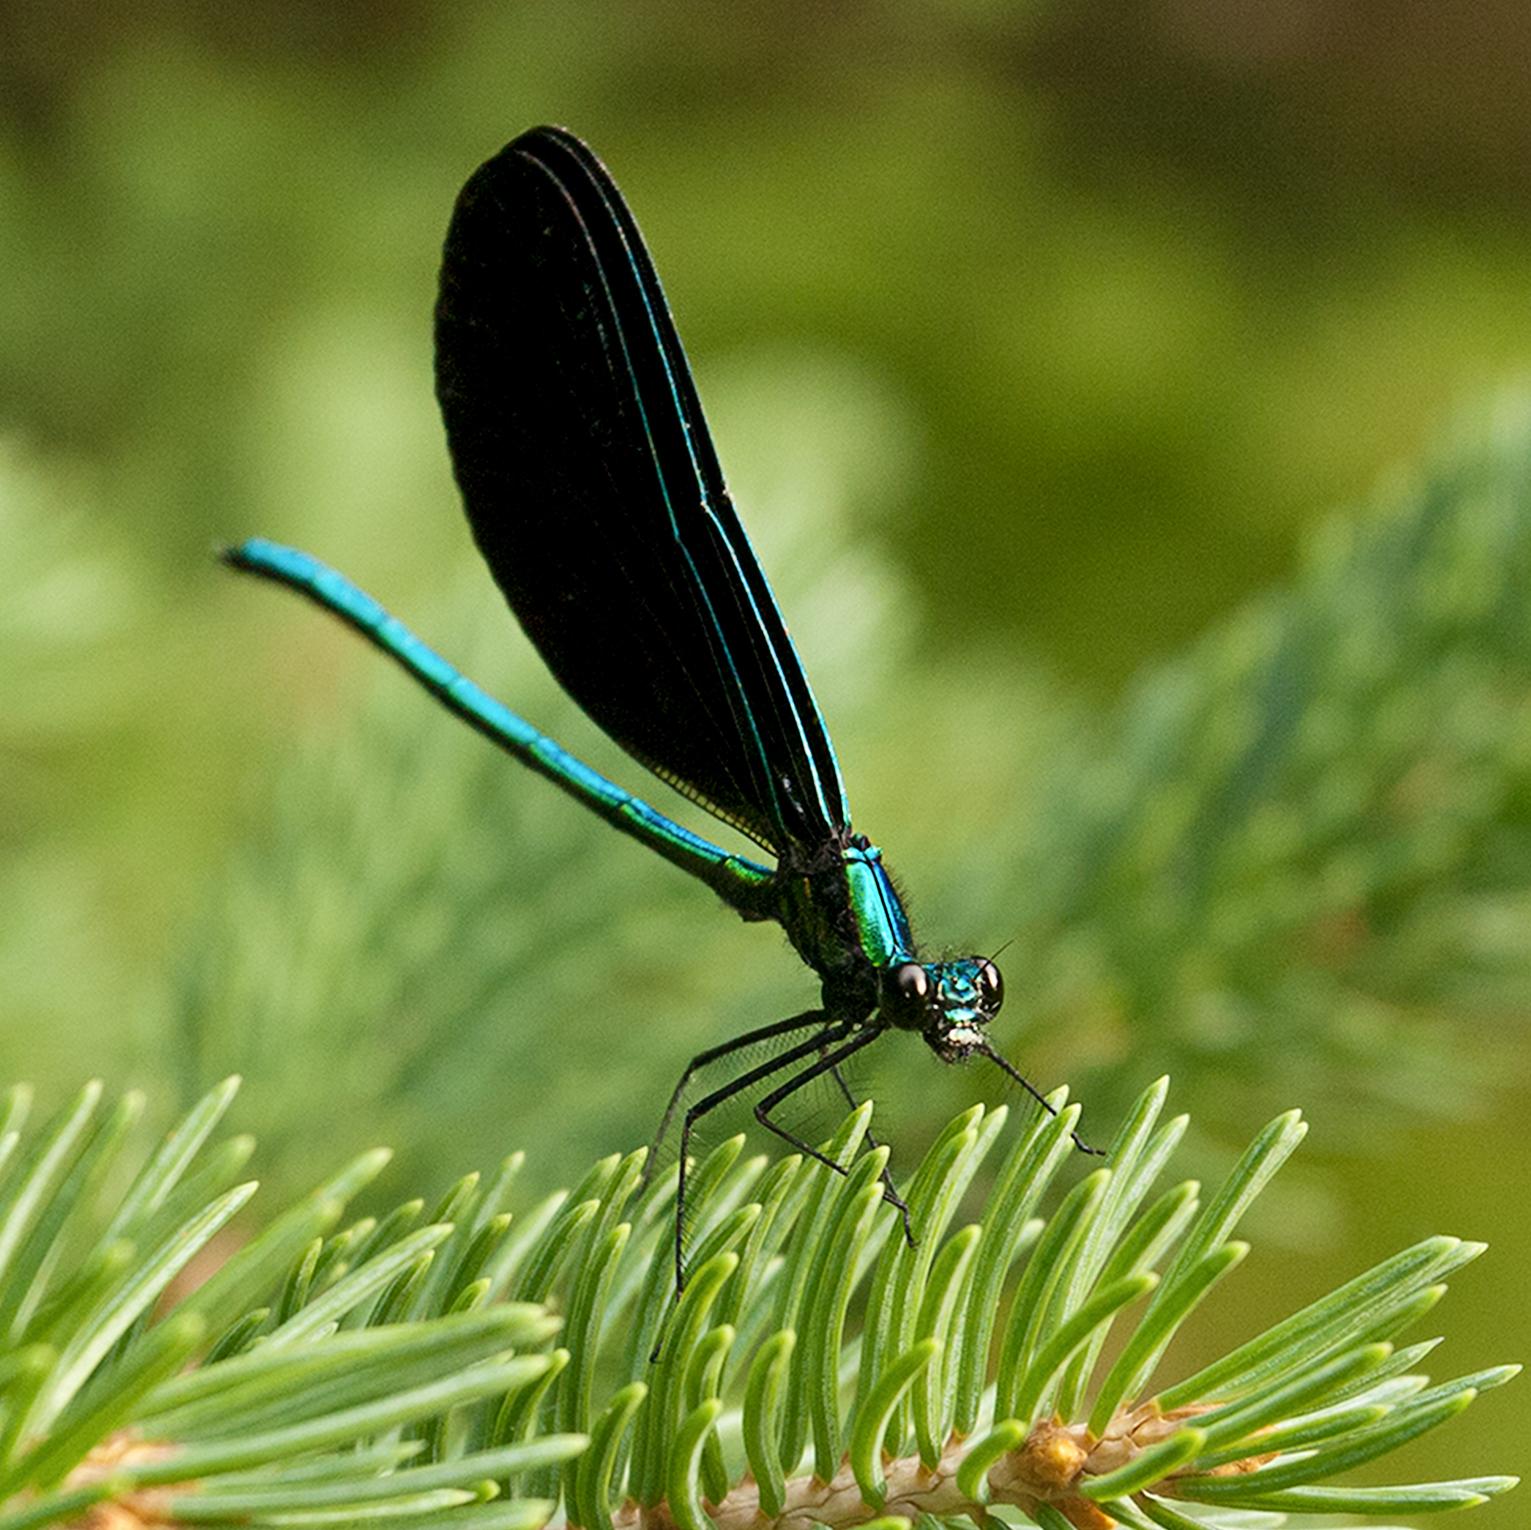 dragonfly_5x5.jpg